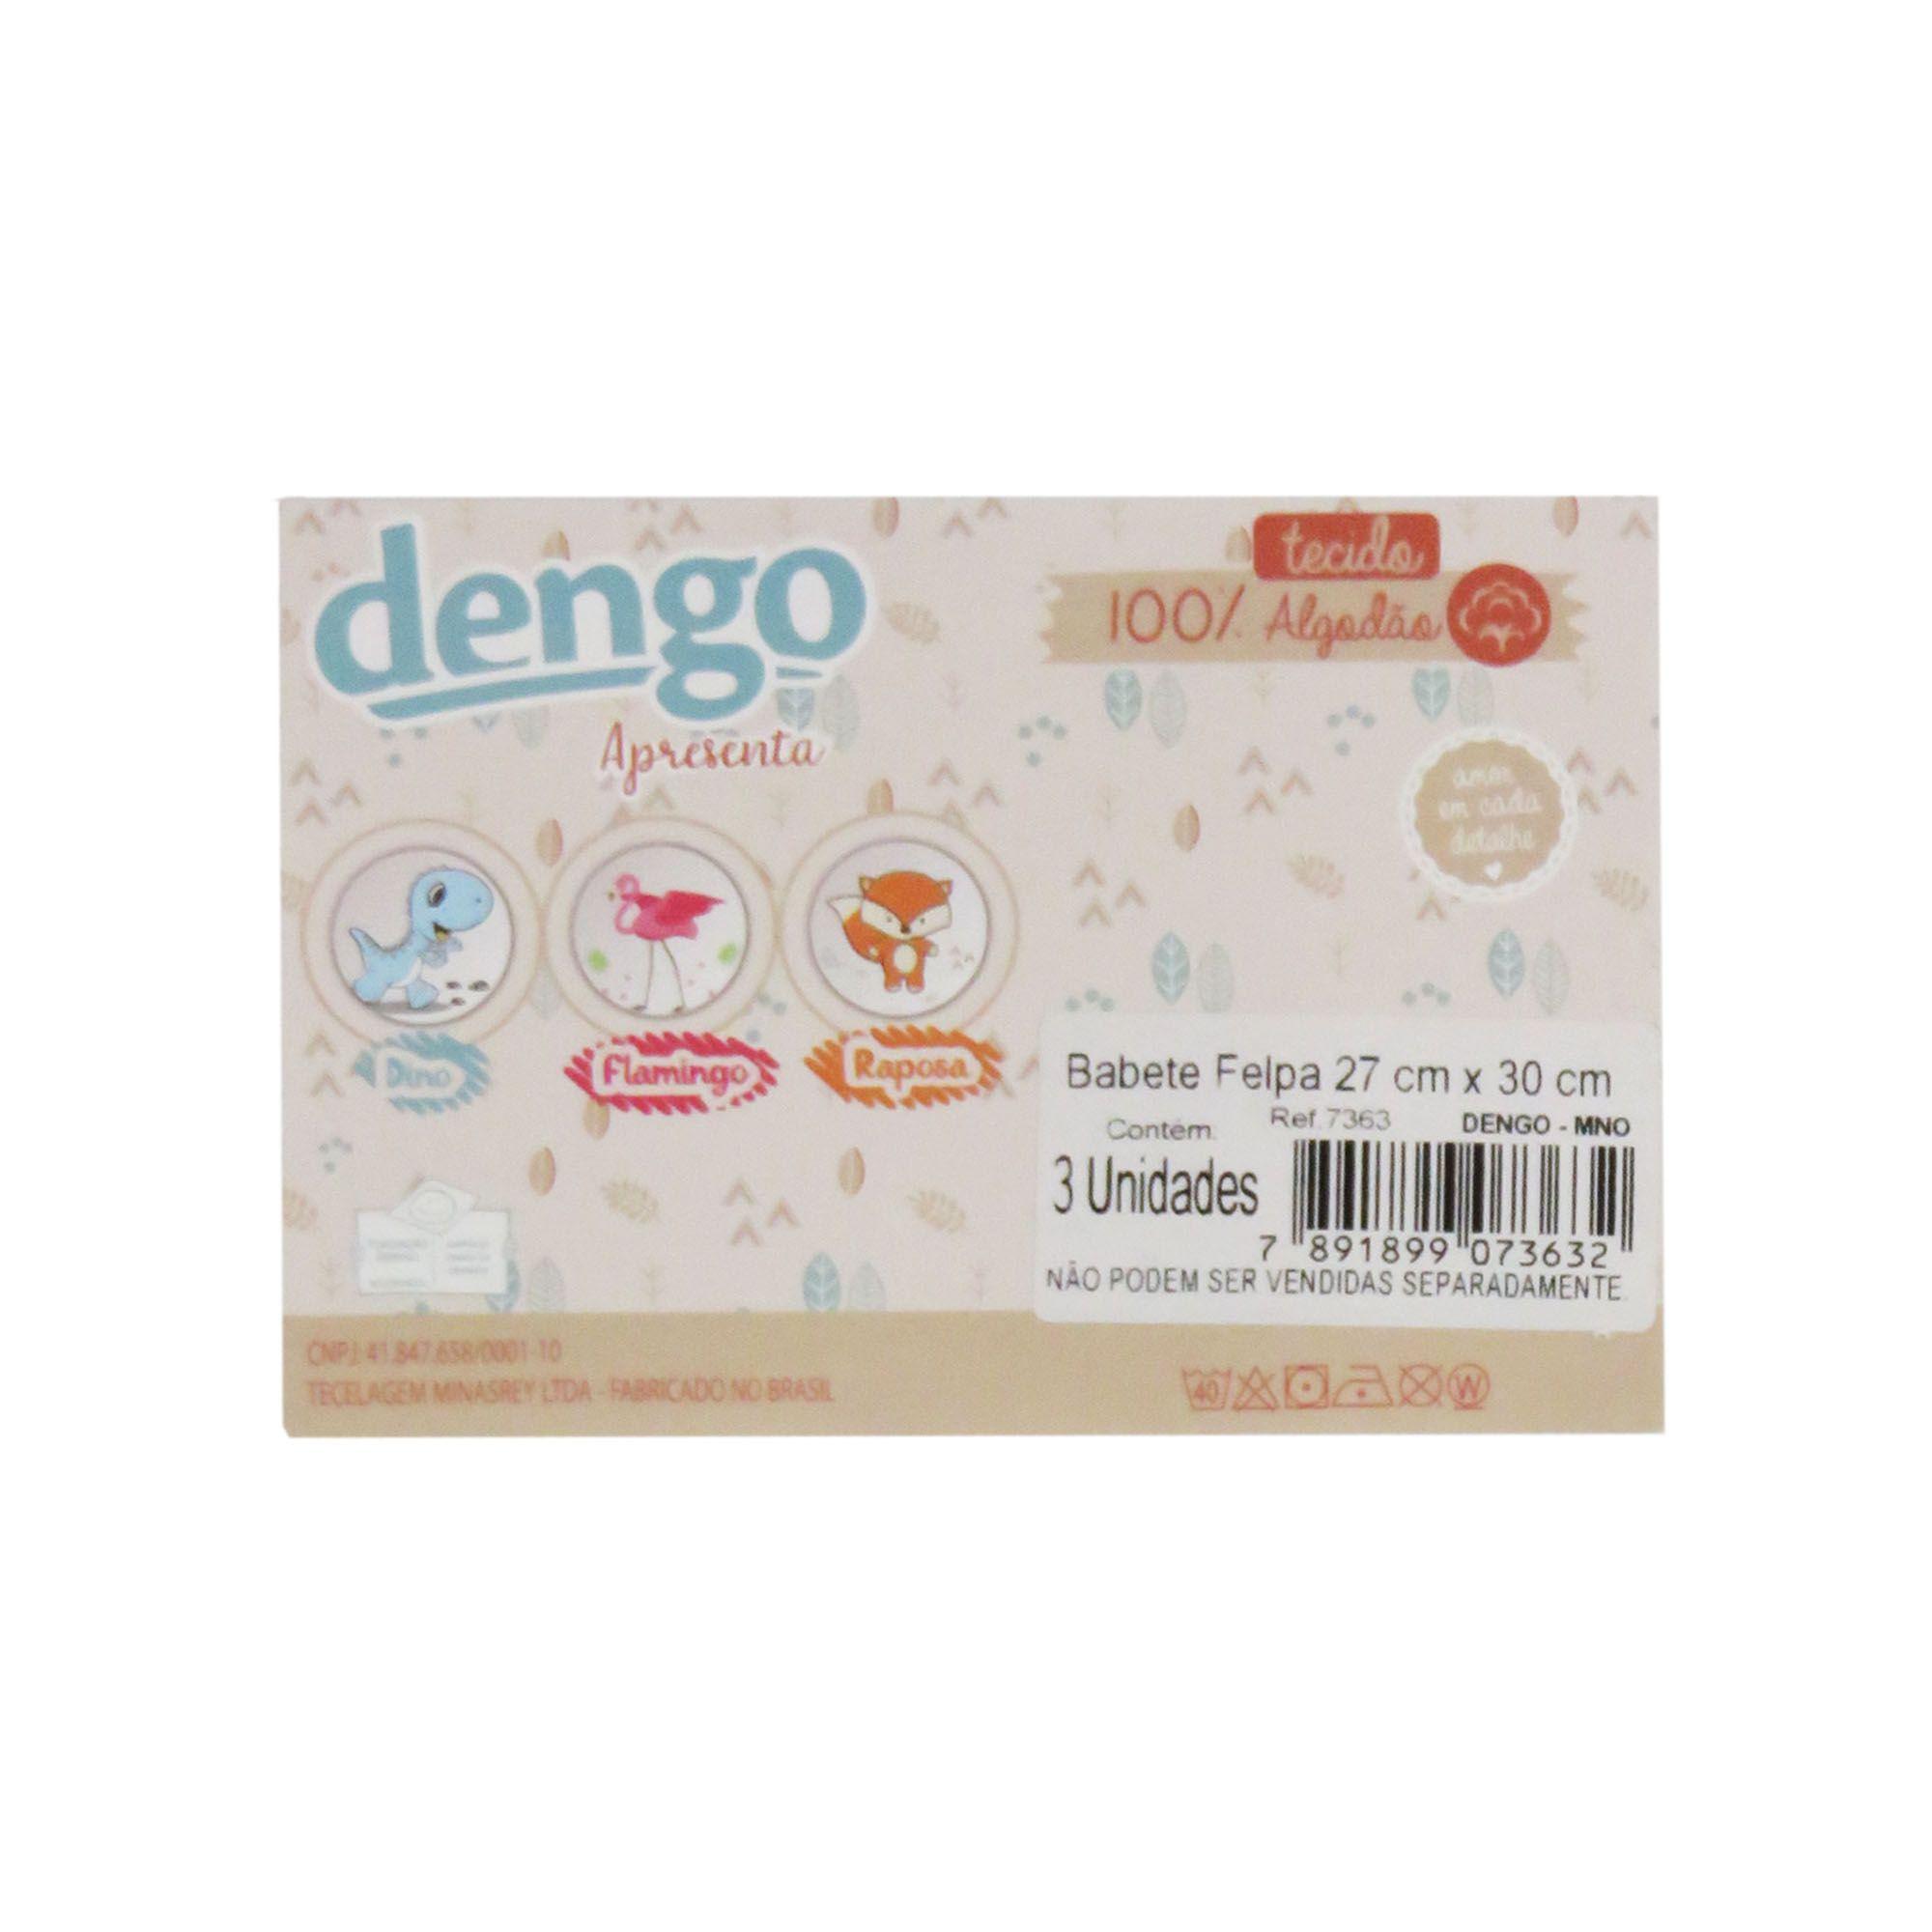 Babete felpa com 3 Unidades -Minasrey - Dengo